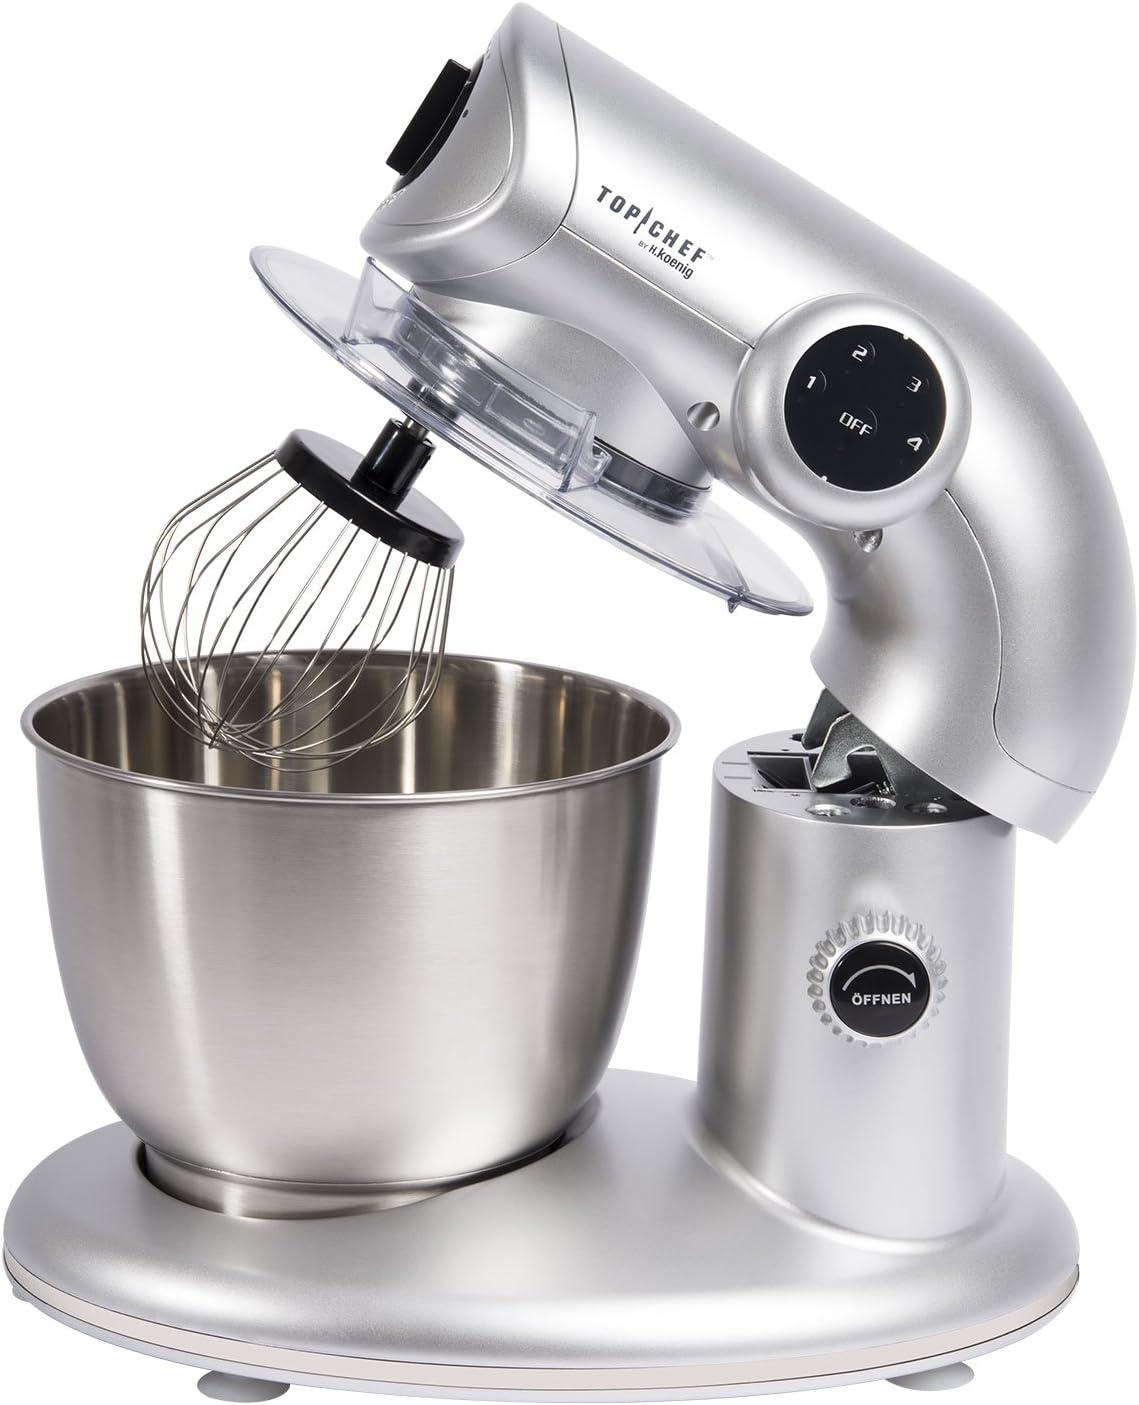 H. Koenig Top Chef topc416 Robot de cocina – Amasadora 1000 W: Amazon.es: Hogar